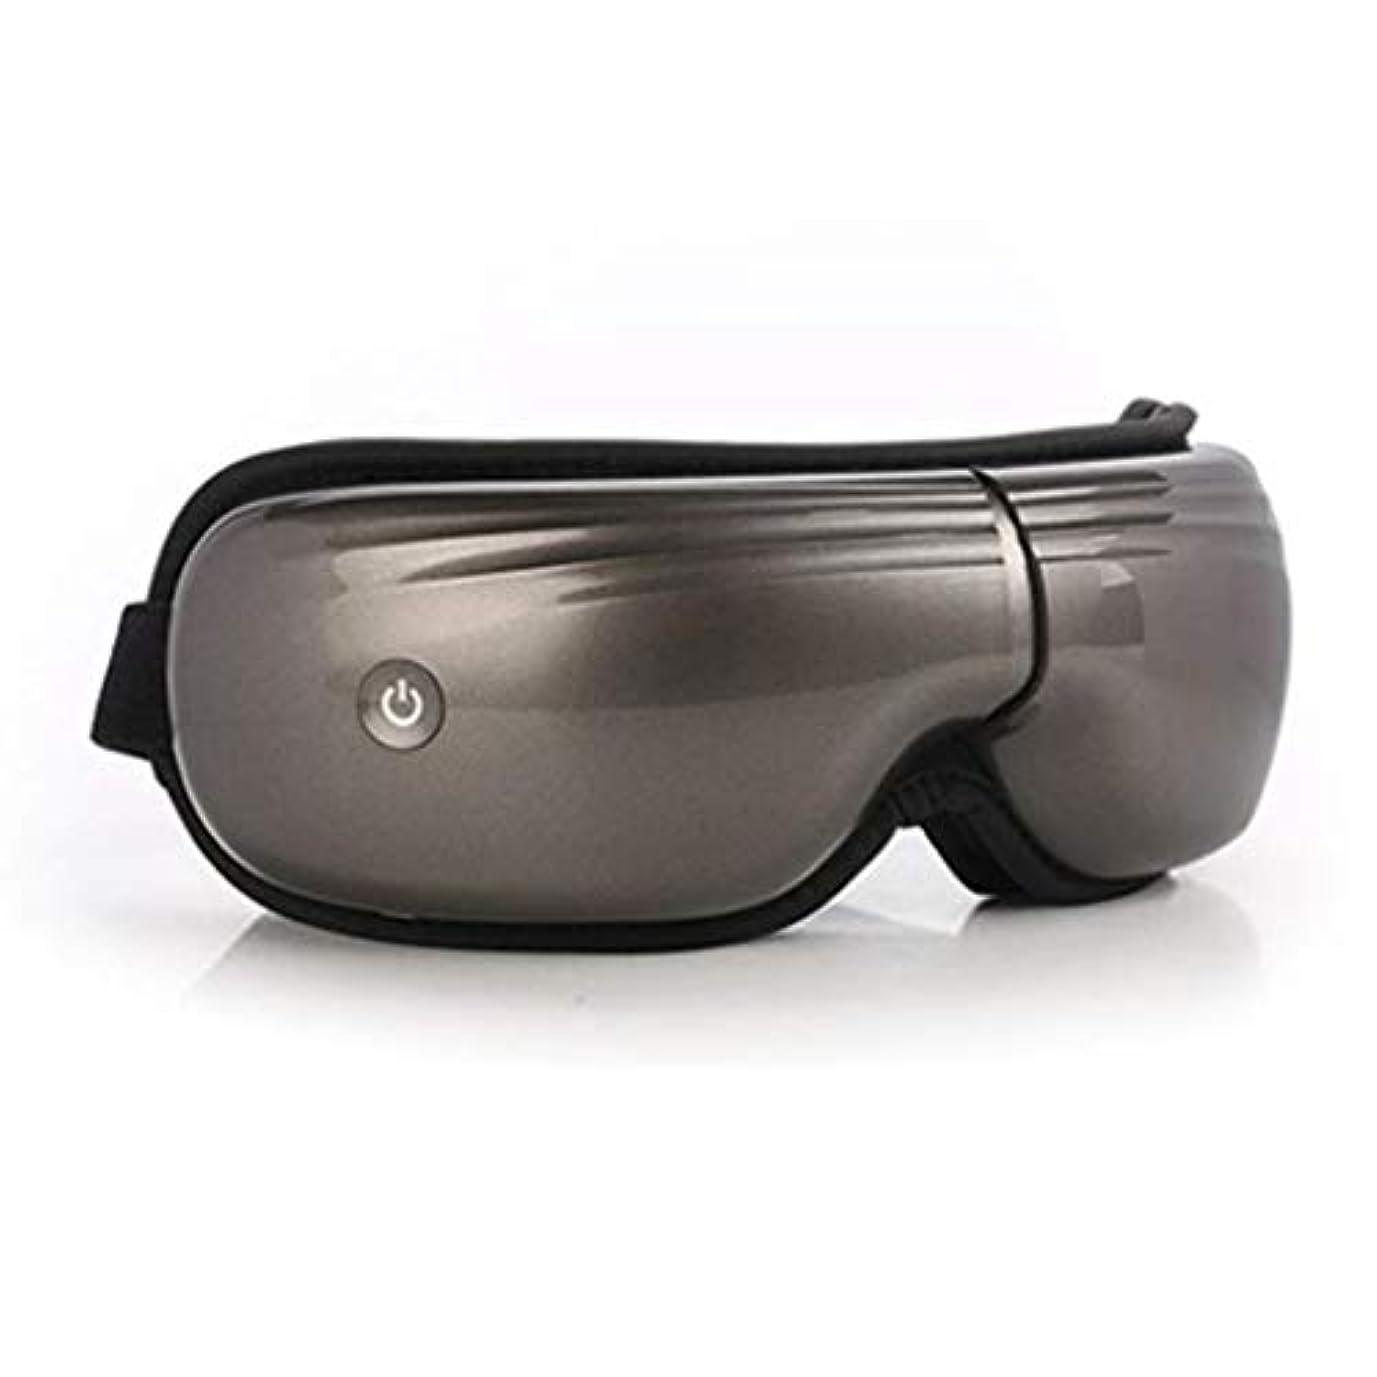 病サドル絶滅アイマッサージアイマスク、アイマッサージャー、USB充電式ポータブルアイツール、ホットコンプレッションおよびフォールディングホーム、ダークサークルアイバッグおよびアイ疲労の改善、いつでも、いつでも持ち運びが簡単